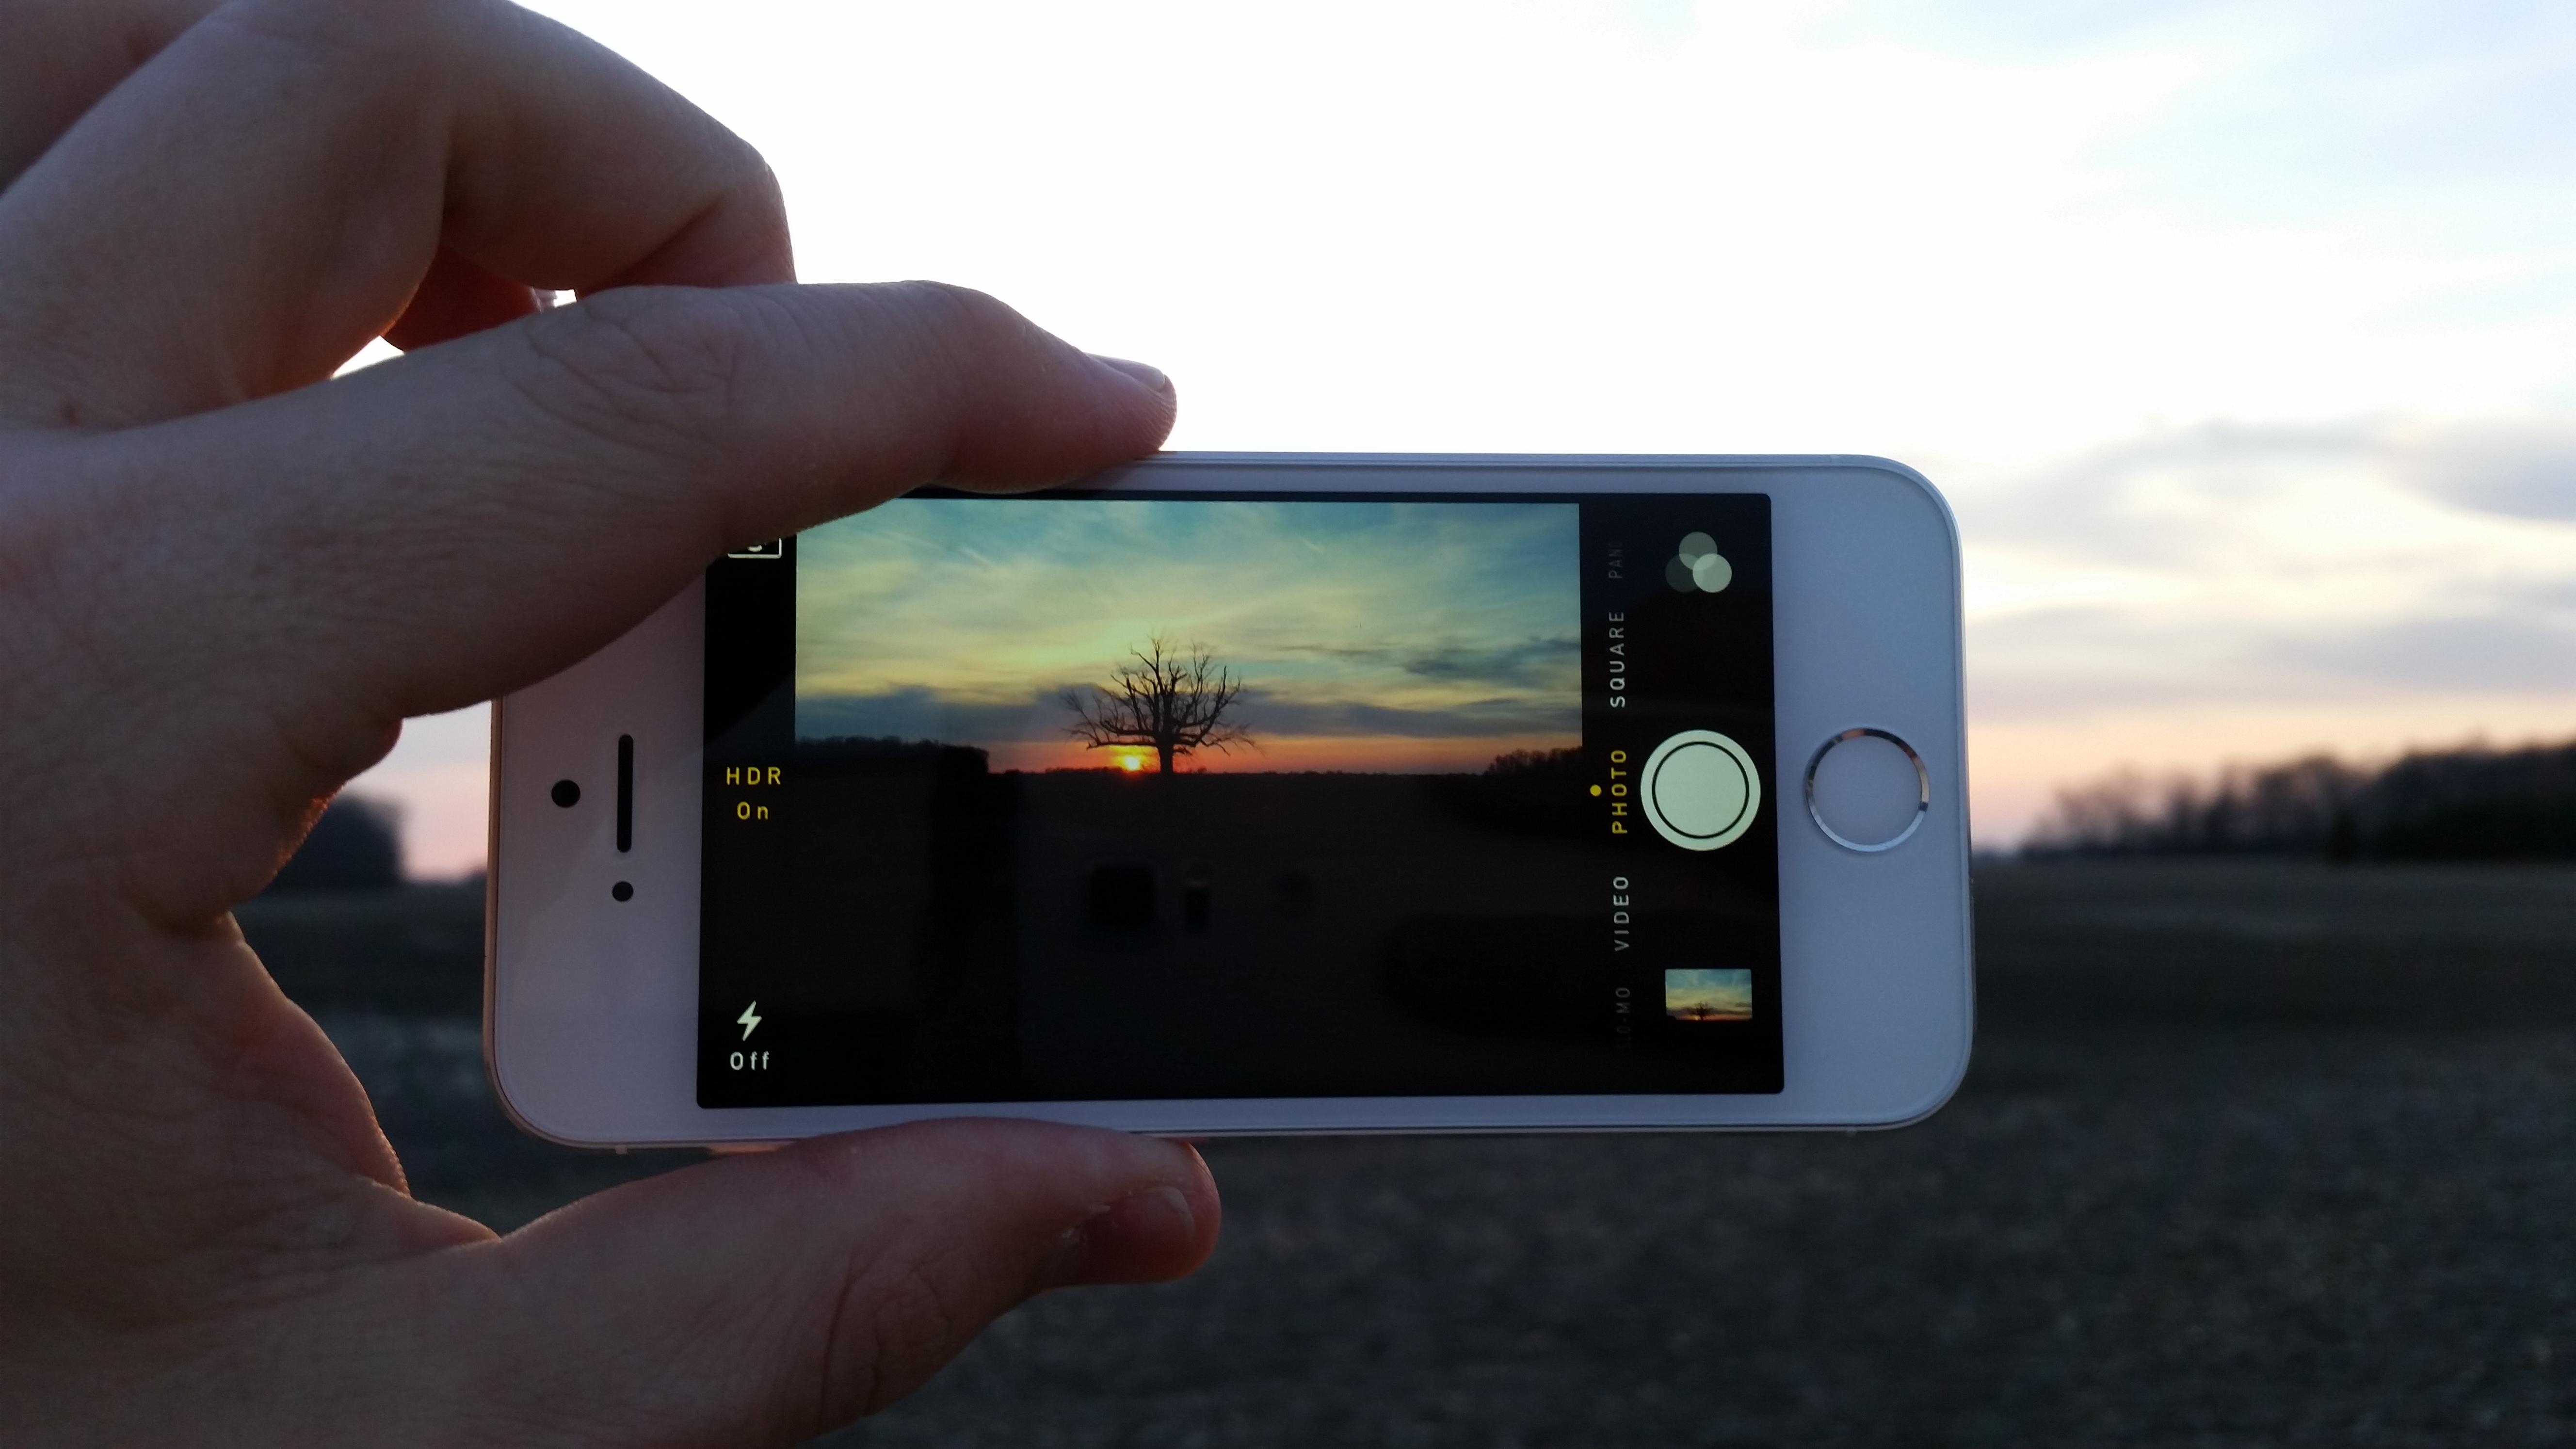 райдеры, камера где можно фотографировать кнопкой монет, вмурованных